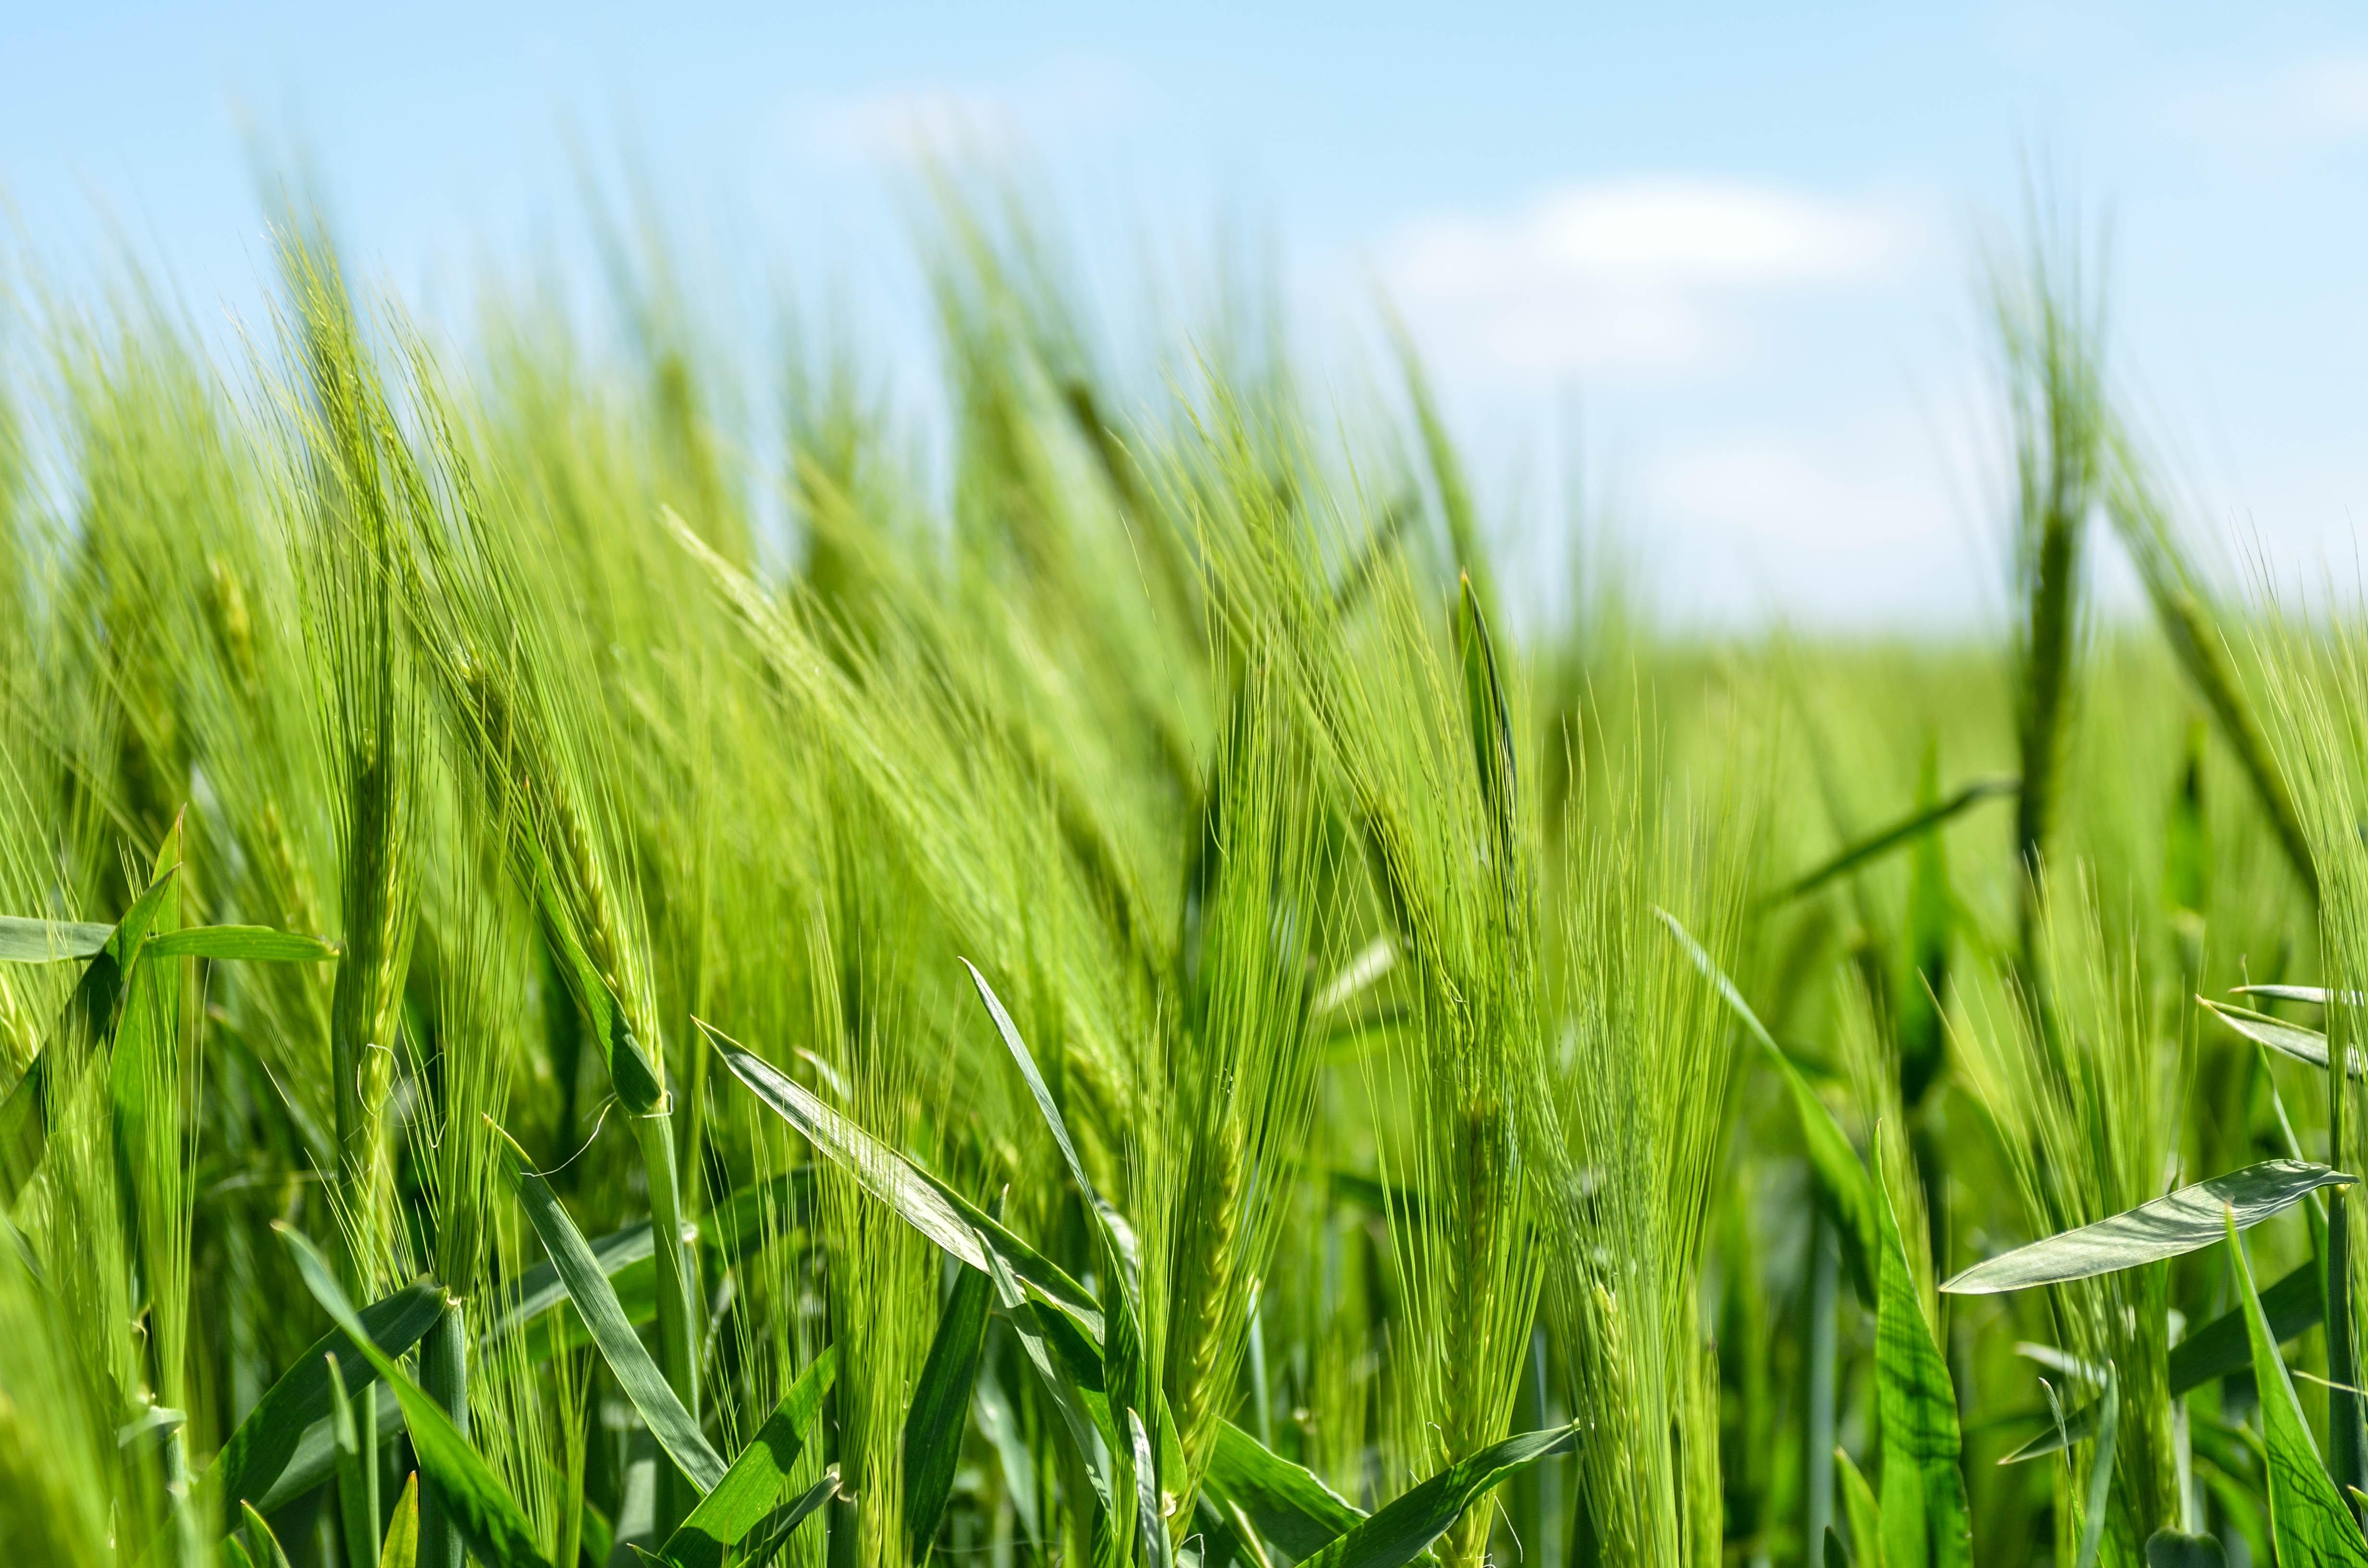 green grass field